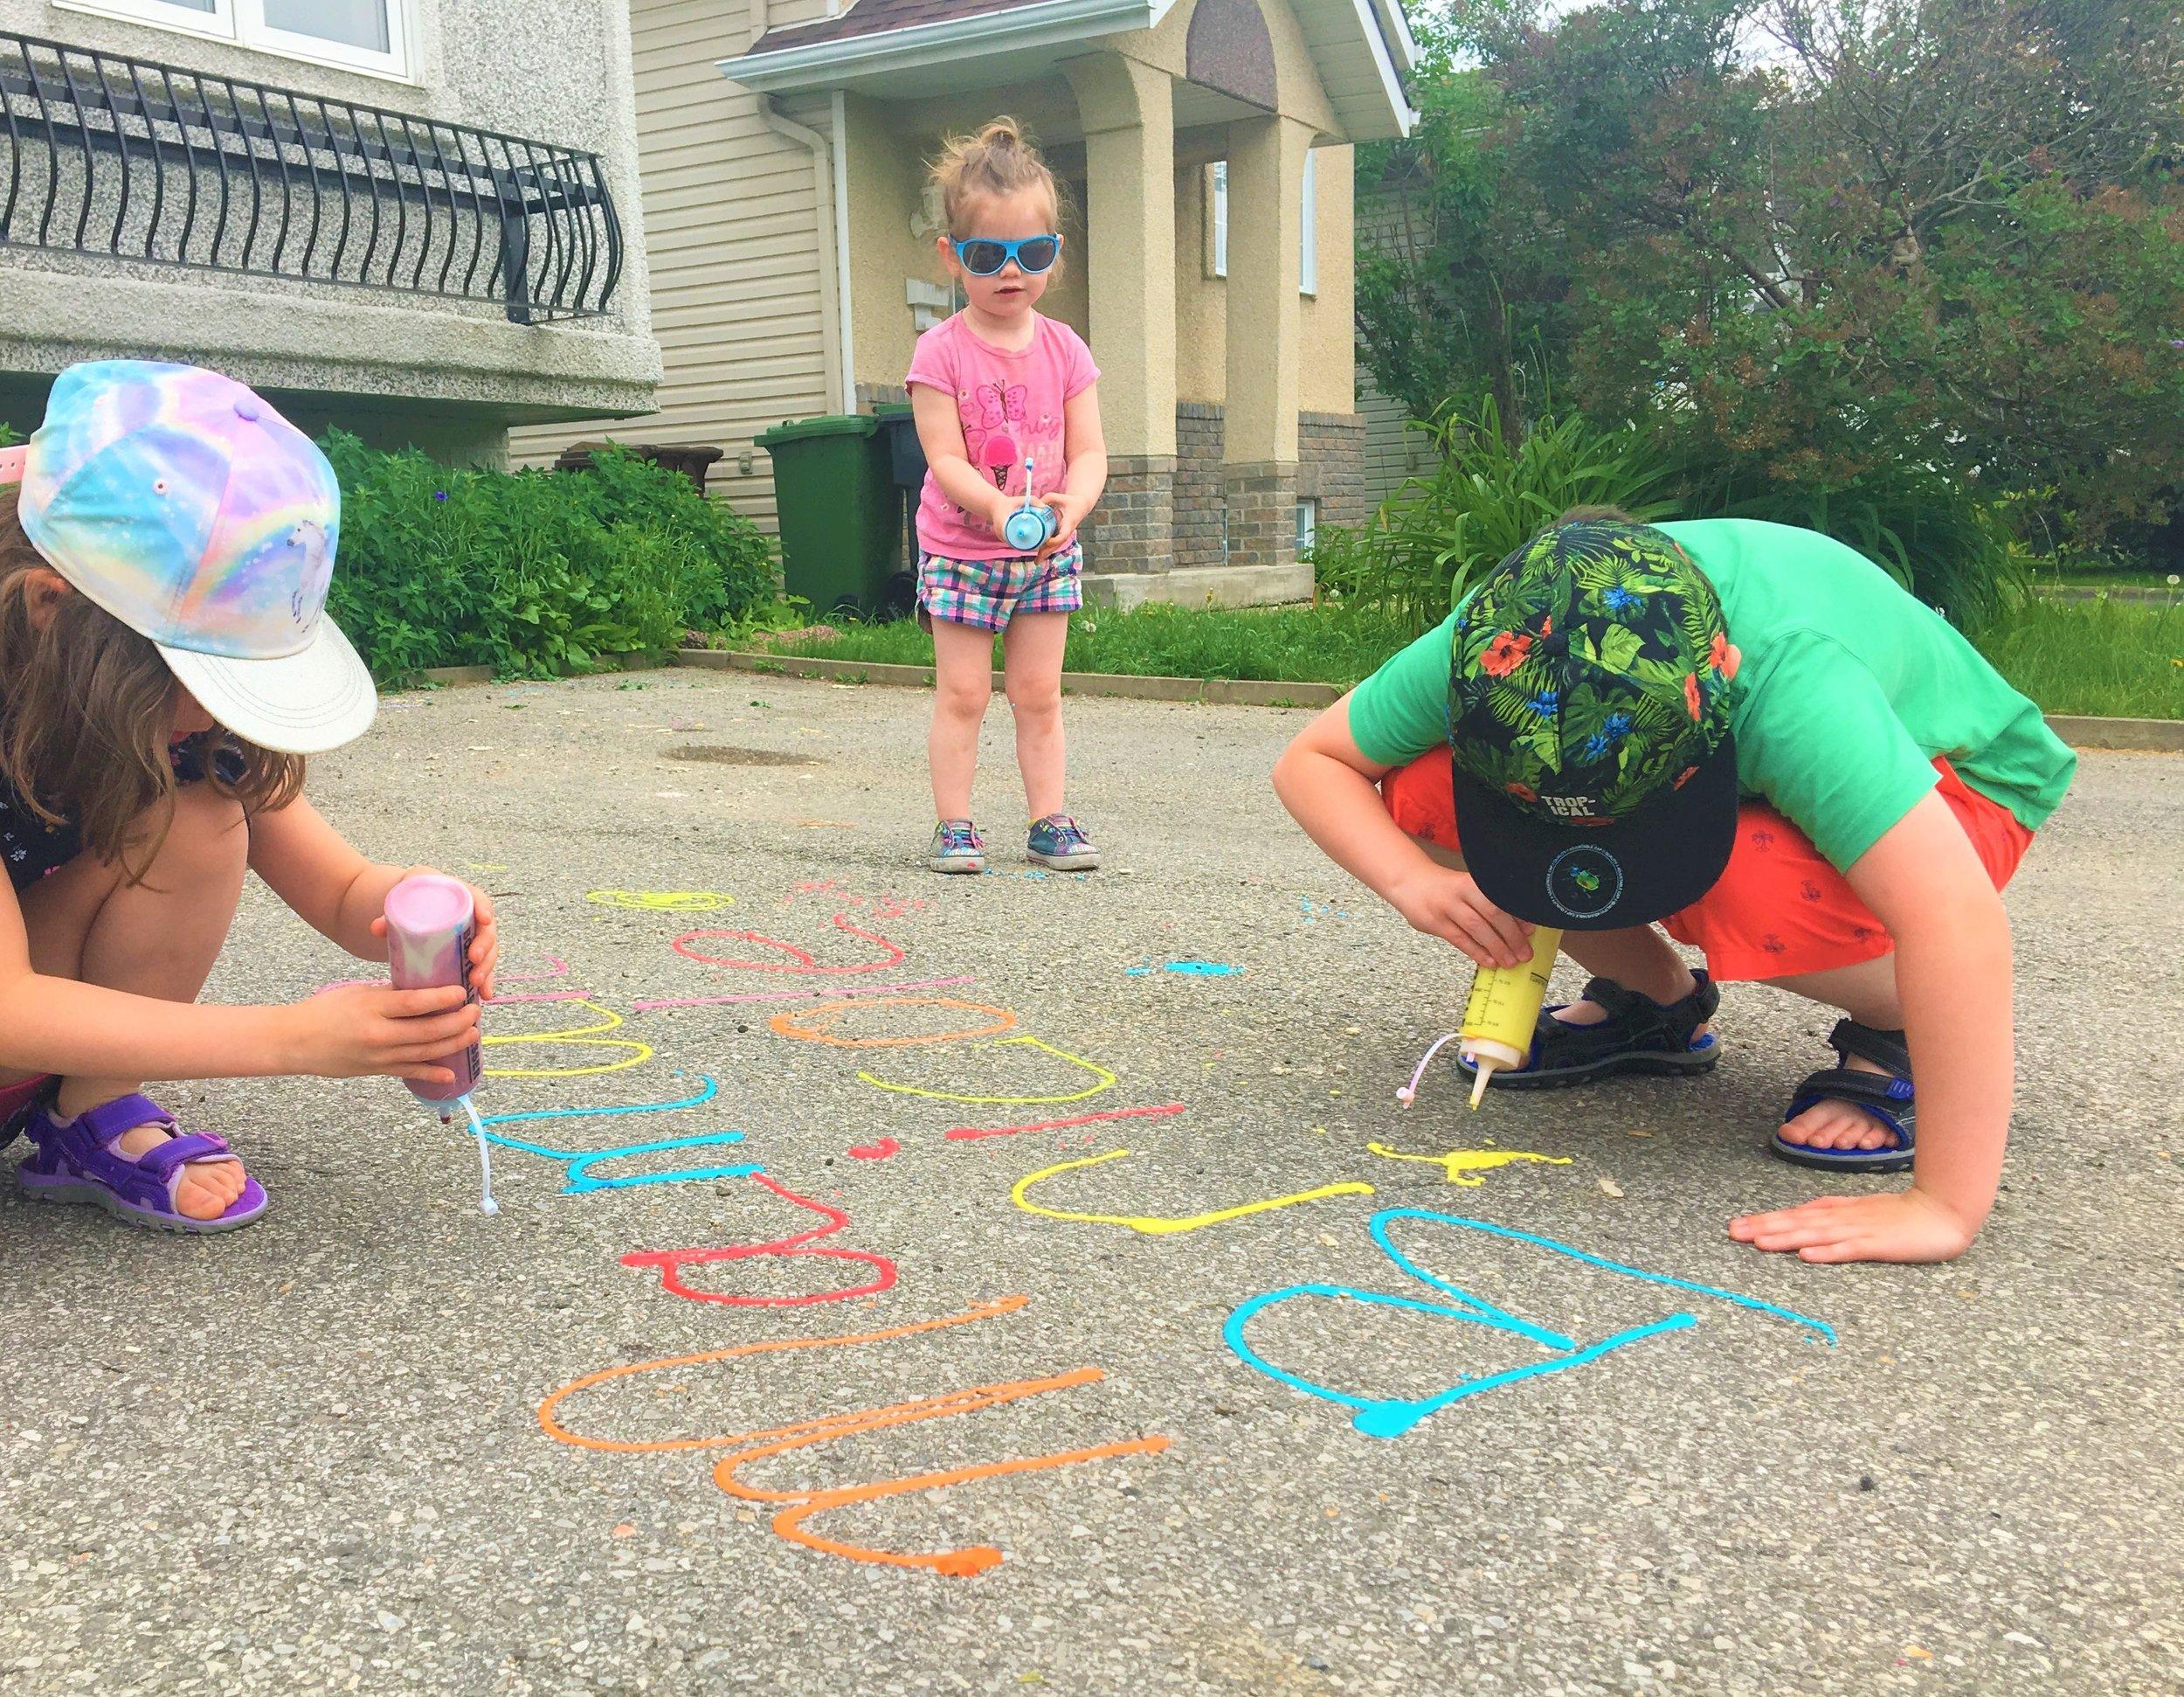 création-oeuvre-dessins-pâte-à-dessiner-activité-petits-artistes-couleurs-plaisir-rue-trottoir